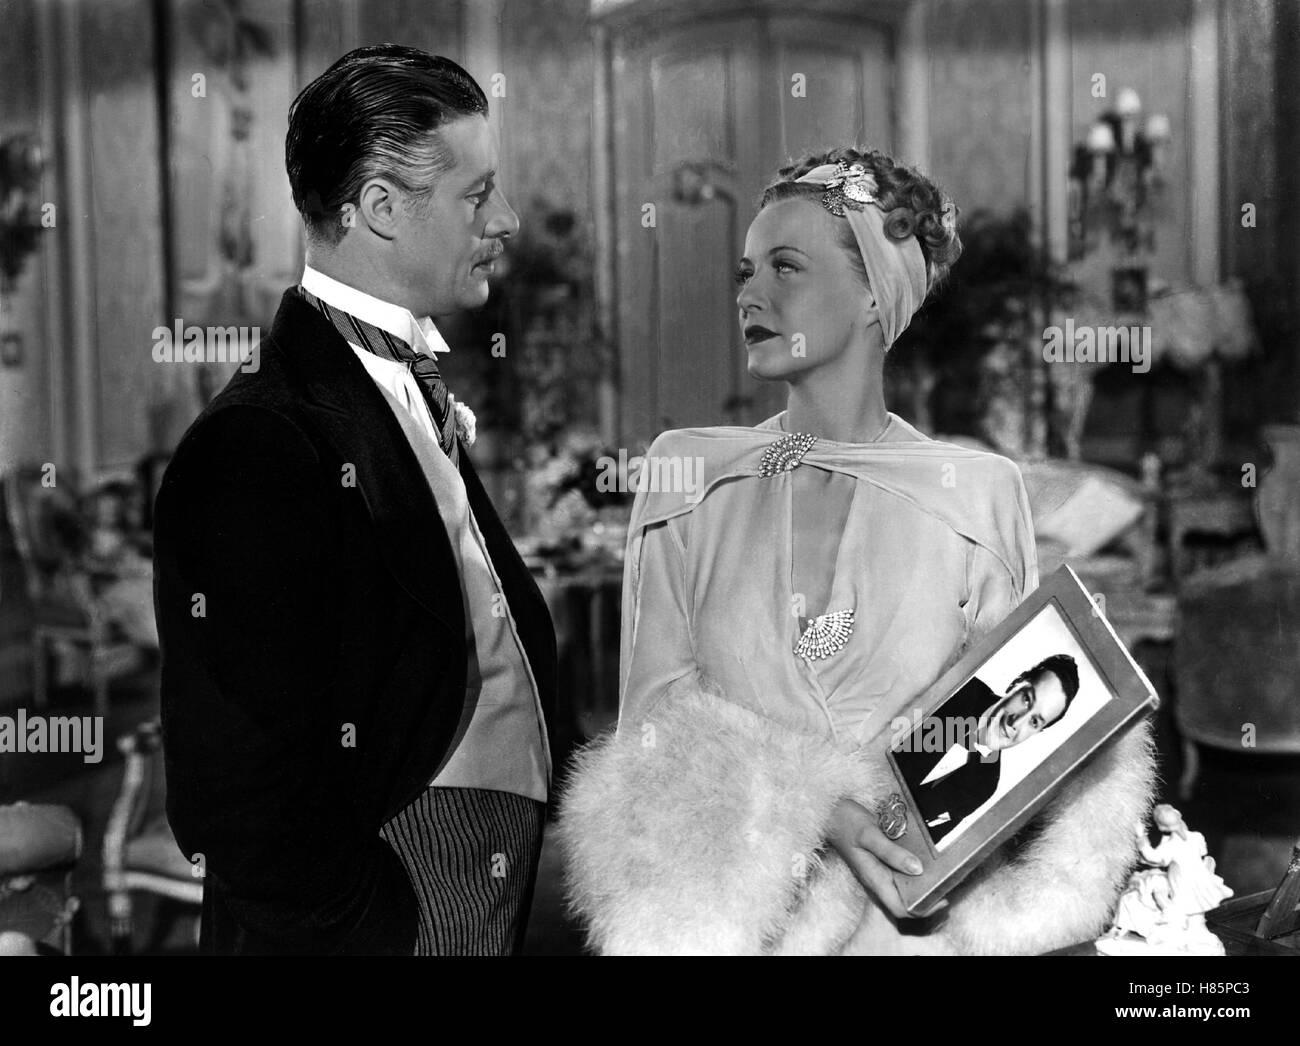 Ein himmlischer Sünder, (HEAVEN CAN WAIT) USA 1943 s/w, Regie: Ernst ...